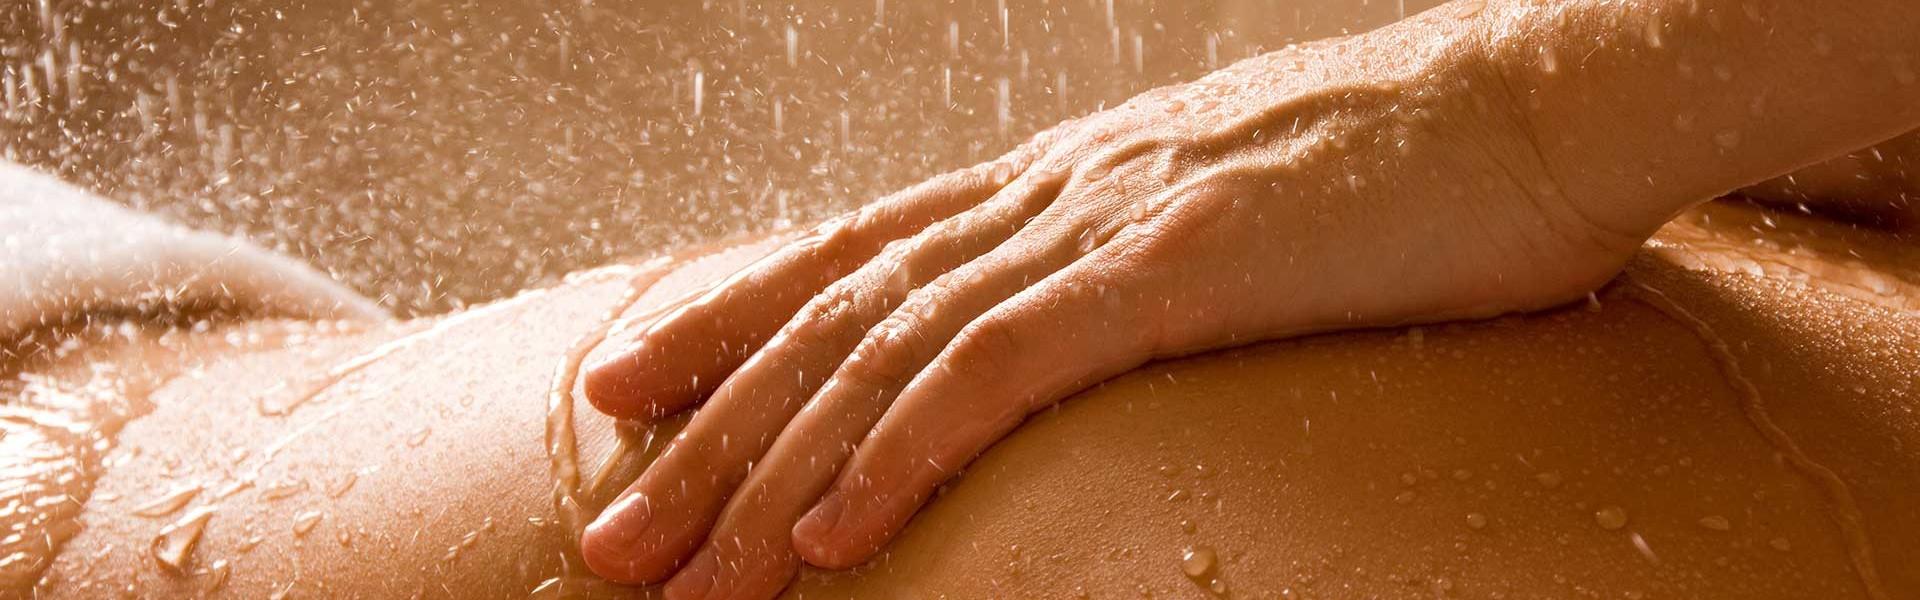 duquessa-body-treatments